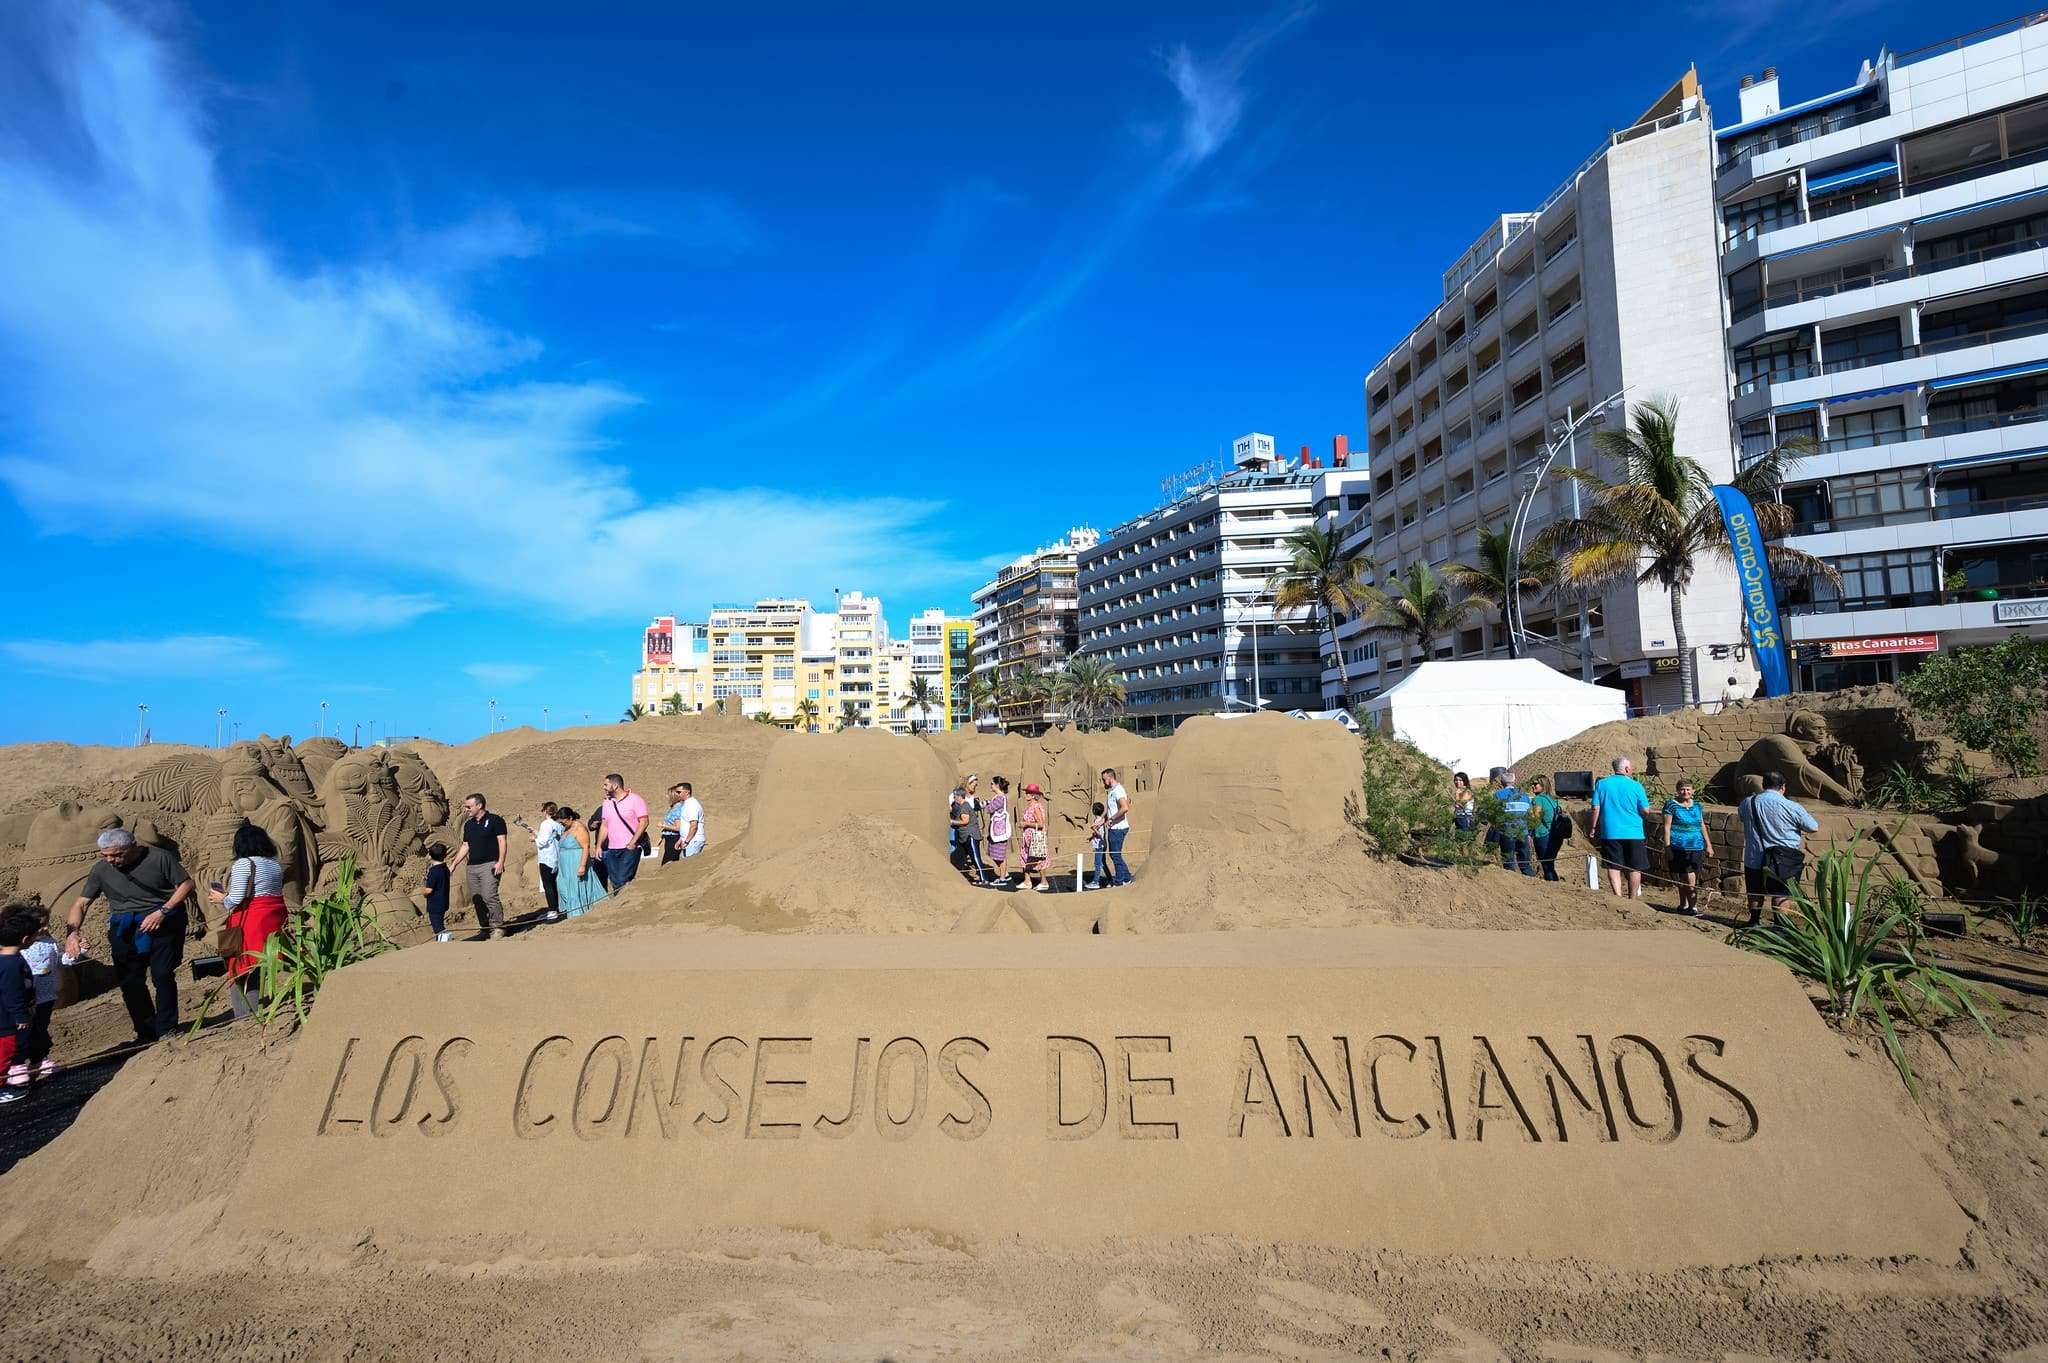 Un original Belén de arena para la navidad en Gran Canaria 76